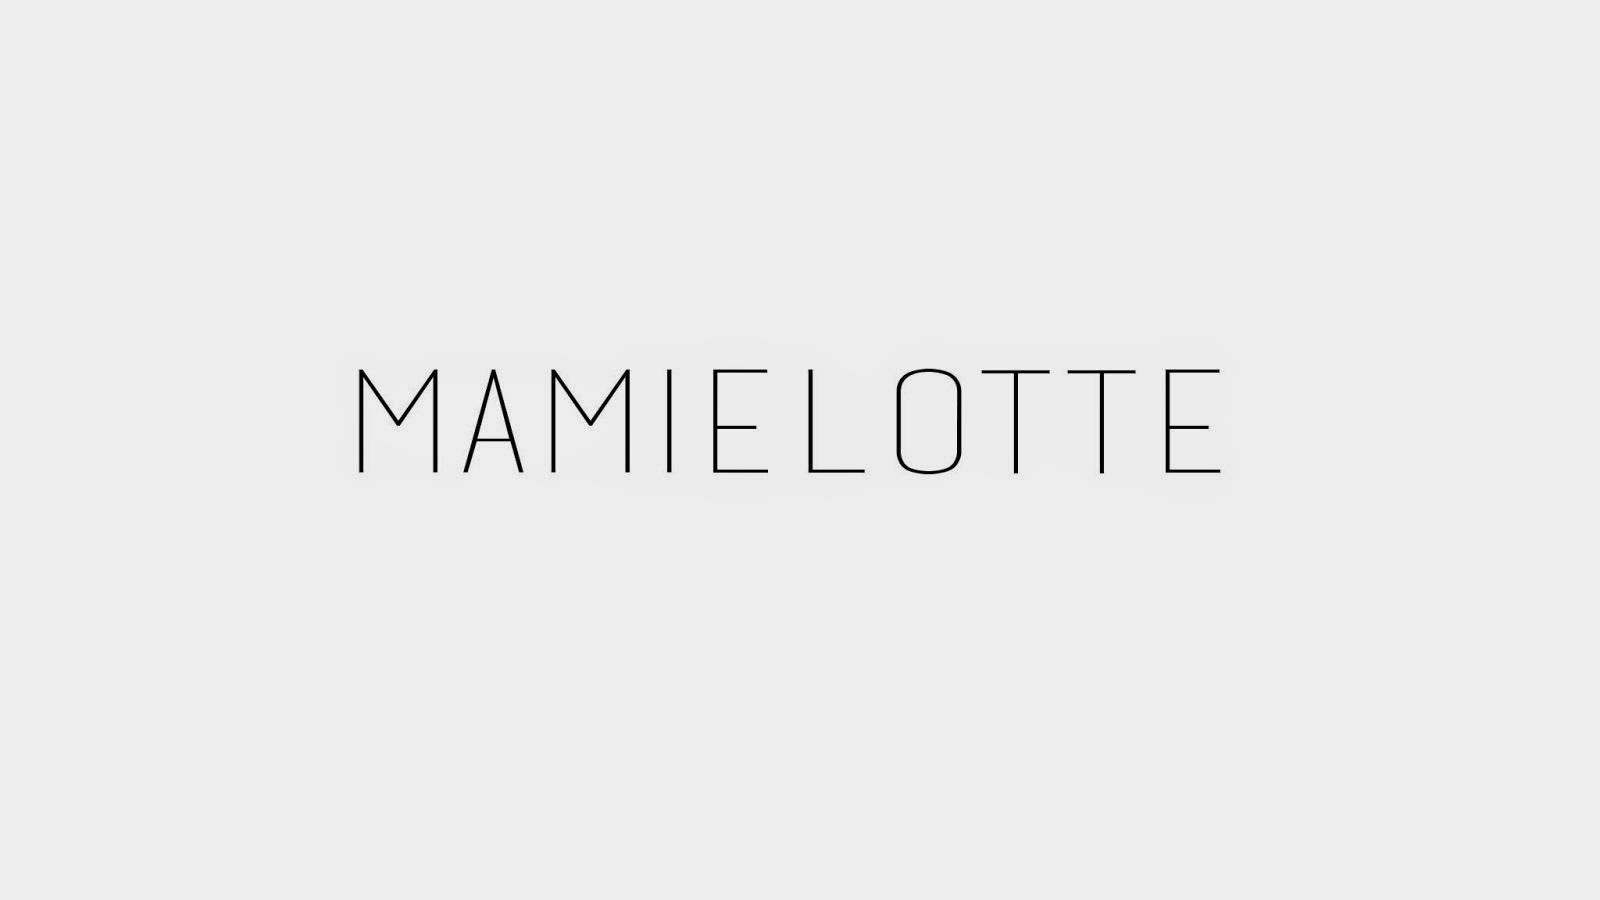 Mamielotte